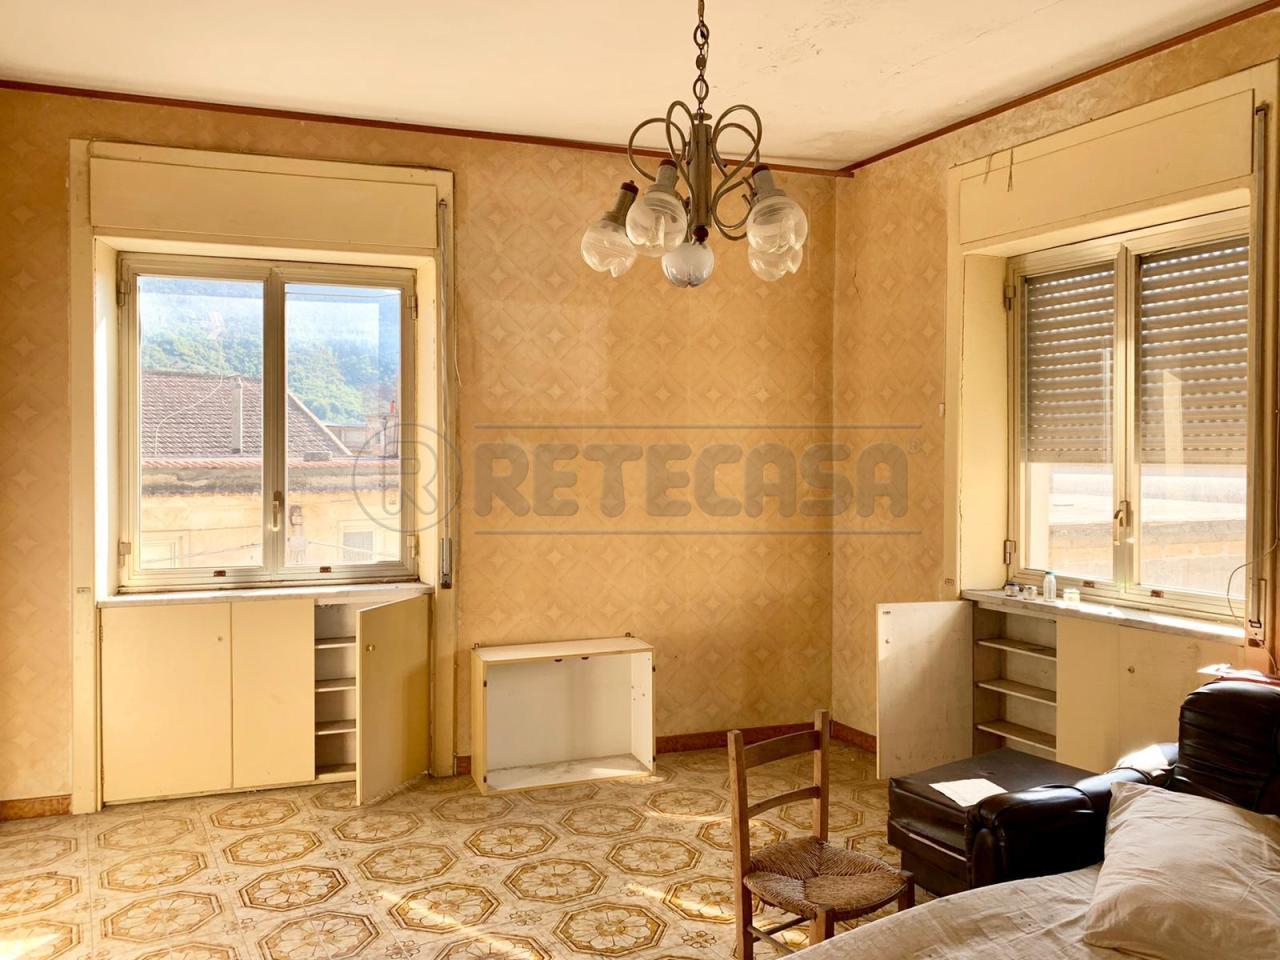 Soluzione Semindipendente in vendita a Castel San Giorgio, 4 locali, prezzo € 85.000 | CambioCasa.it